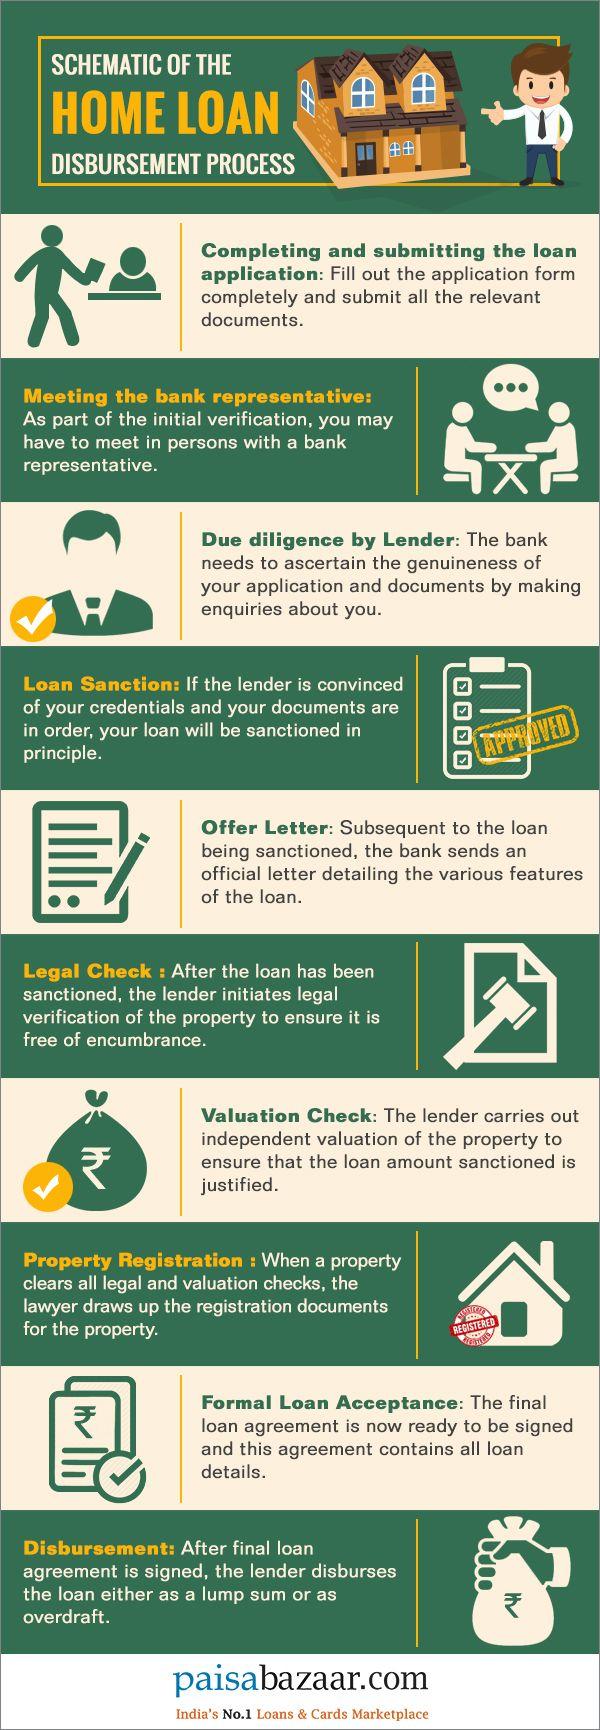 64bbe8ee80d5af56403a25070b30e029 - How To Apply For Bank Loan And Get It Sanctioned